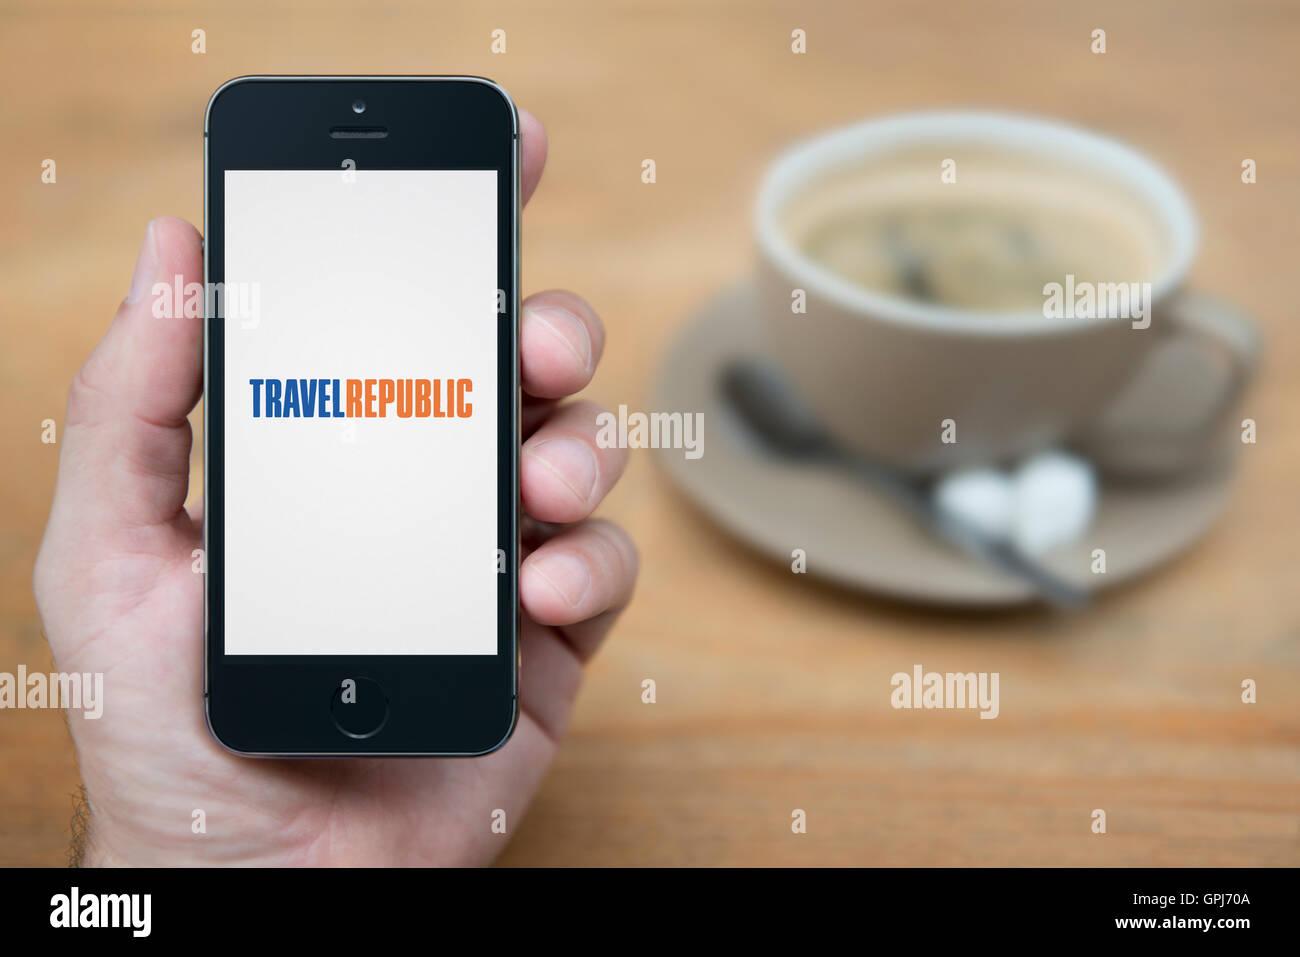 Ein Mann schaut auf seinem iPhone die Travel Republic-Logo anzeigt, während bei einer Tasse Kaffee (nur zur Stockbild